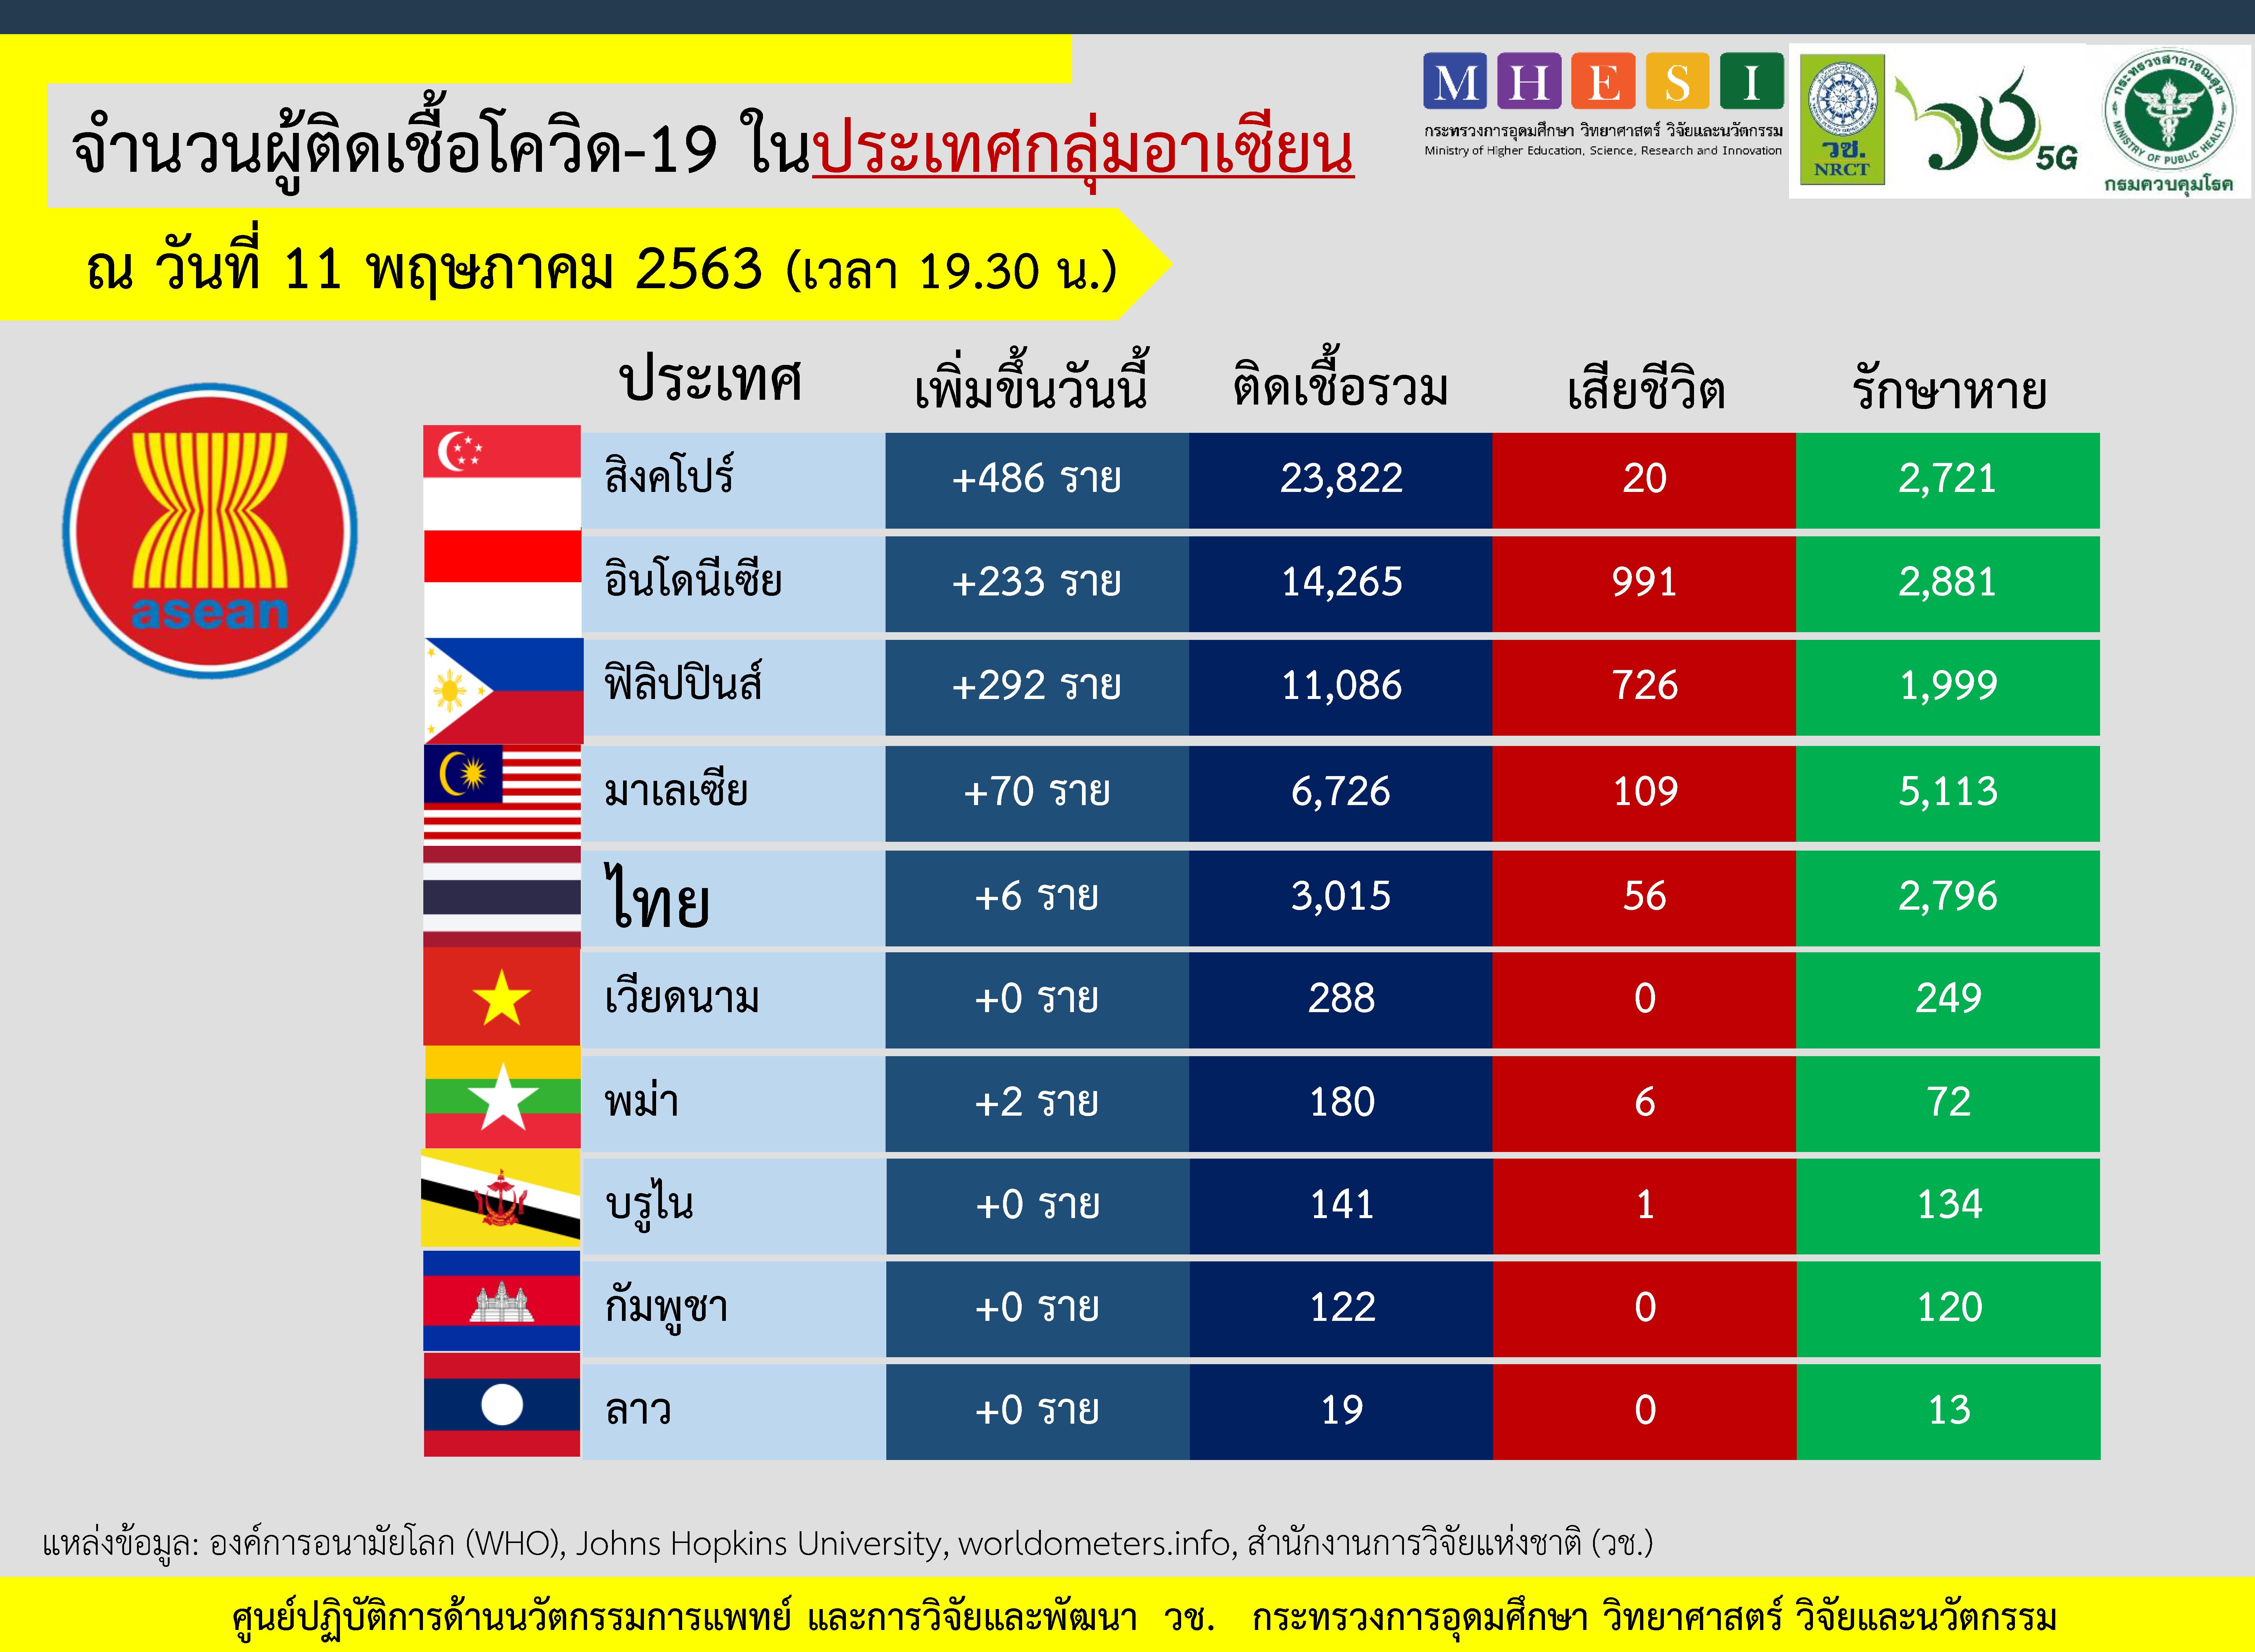 สถานการณ์ผู้ติดเชื้อโควิด19 ในอาเซียน สิงคโปร์เพิ่ม 486 ราย ยอดสะสม 23,822 ราย